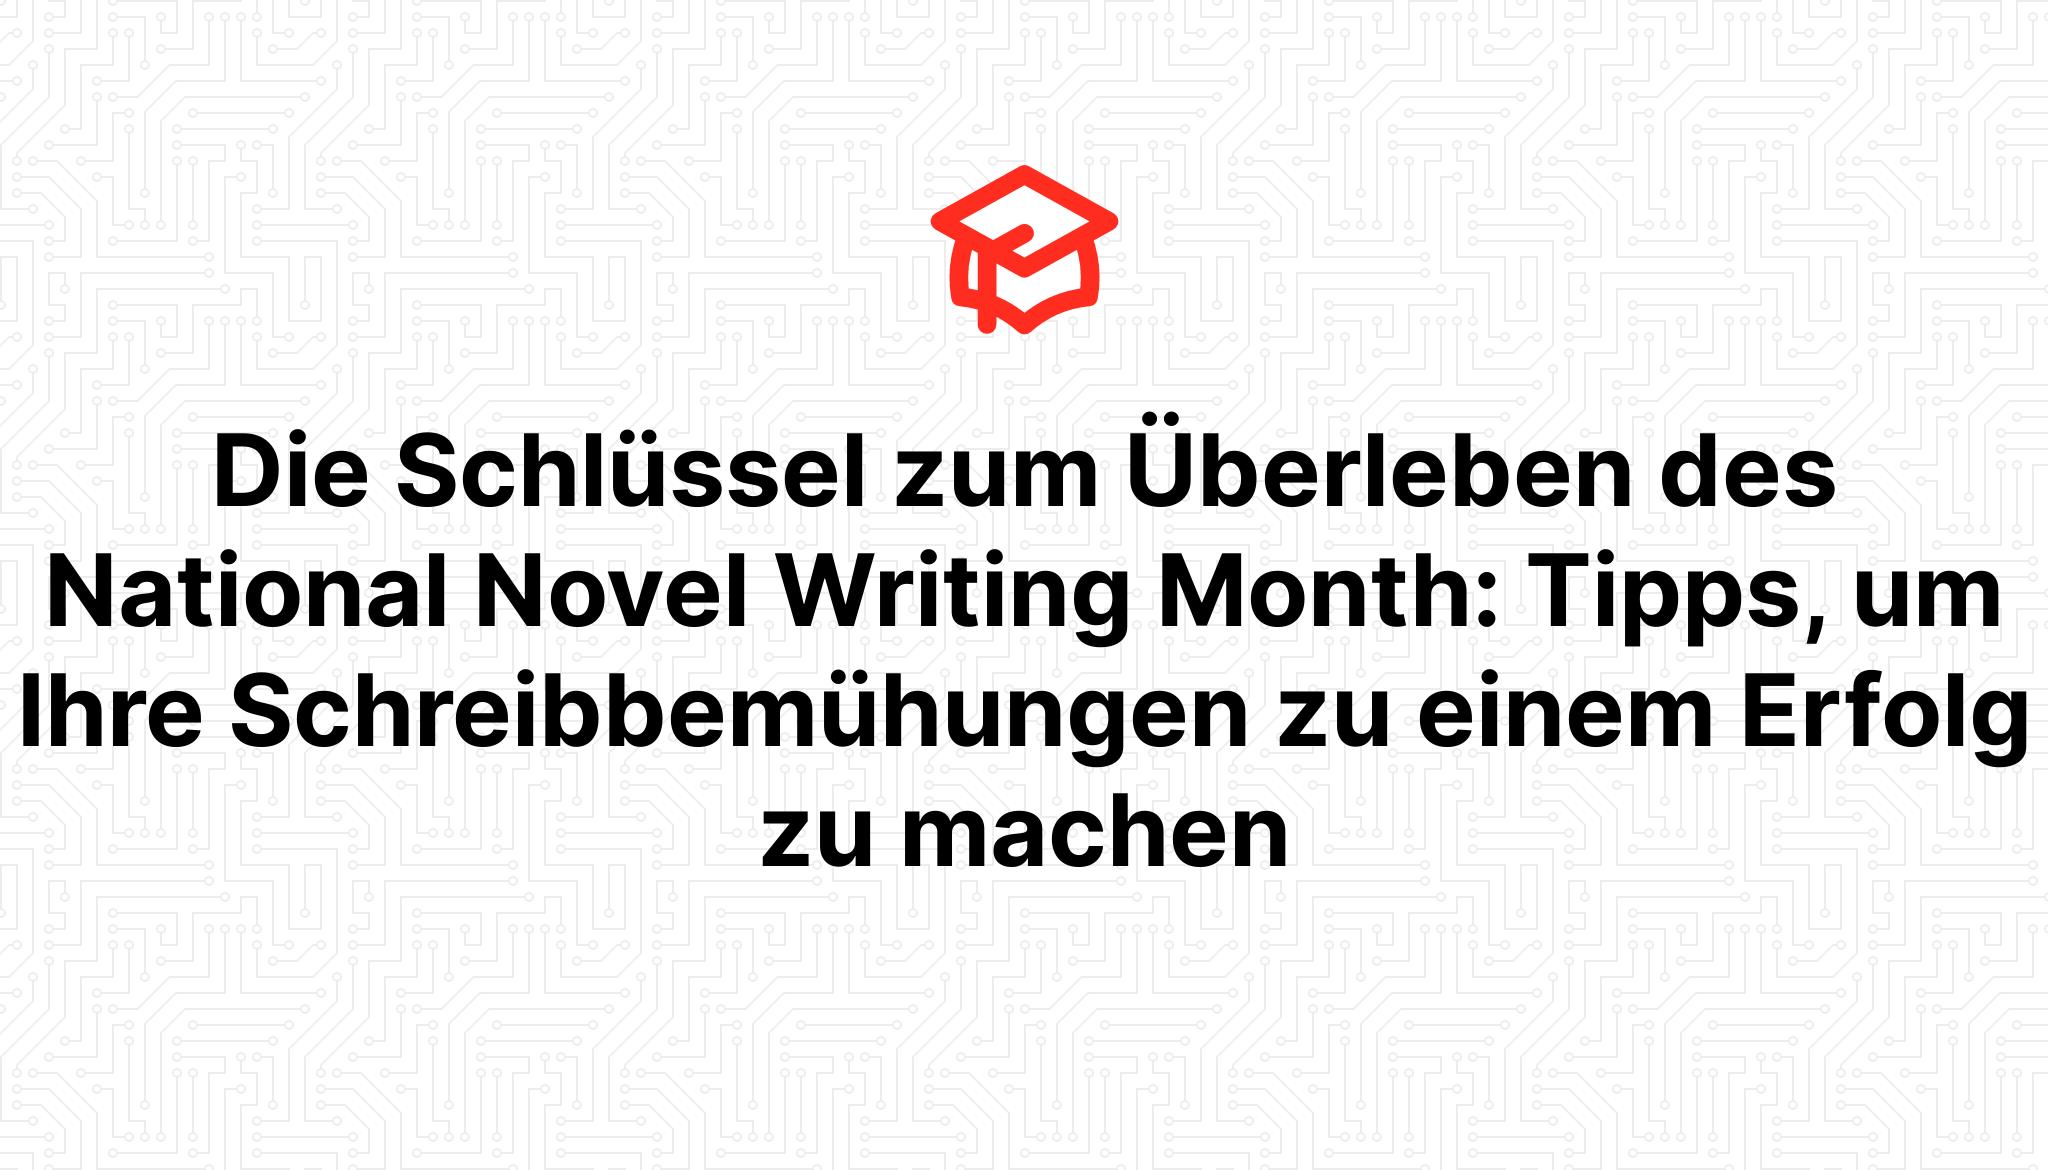 Die Schlüssel zum Überleben des National Novel Writing Month: Tipps, um Ihre Schreibbemühungen zu einem Erfolg zu machen